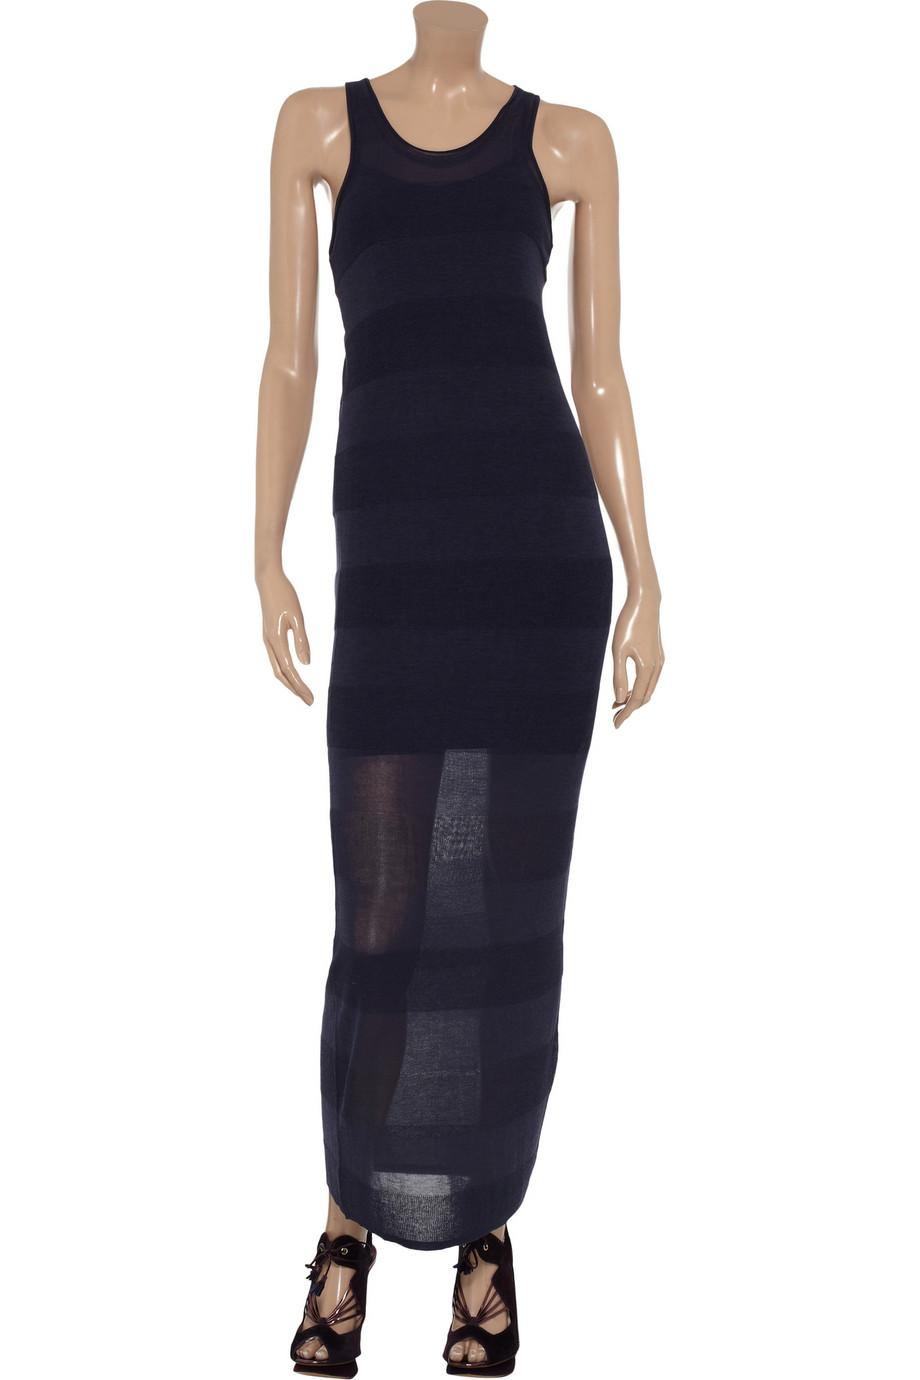 T by alexander wang Striped Fineknit Maxi Dress in Blue | Lyst